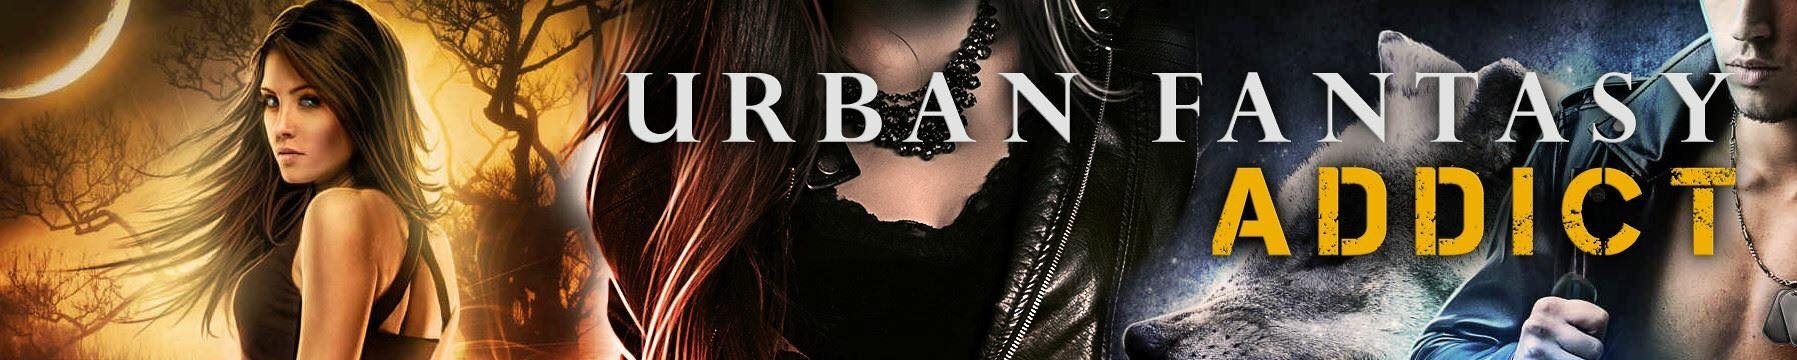 Urban Fantasy Addict